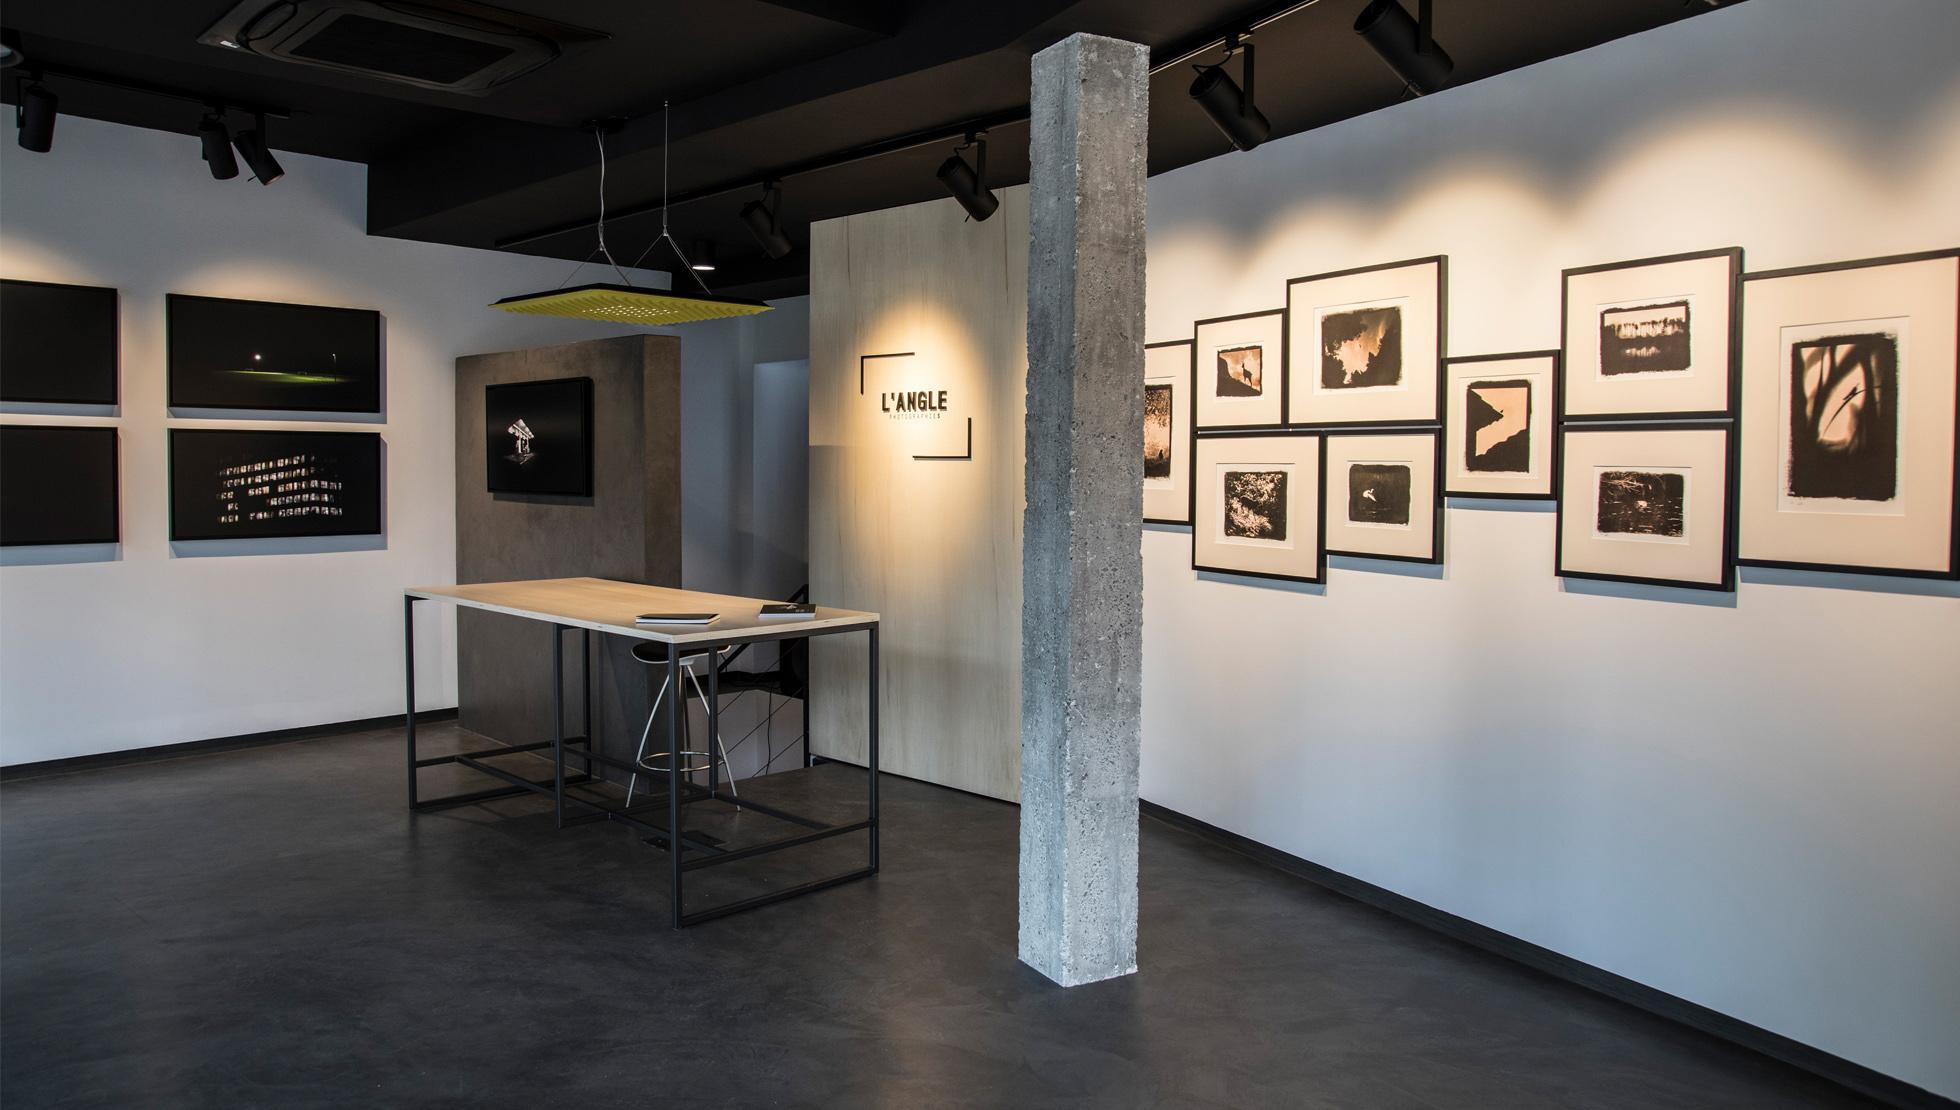 Galerie L'ANGLE - espace réception-exposition